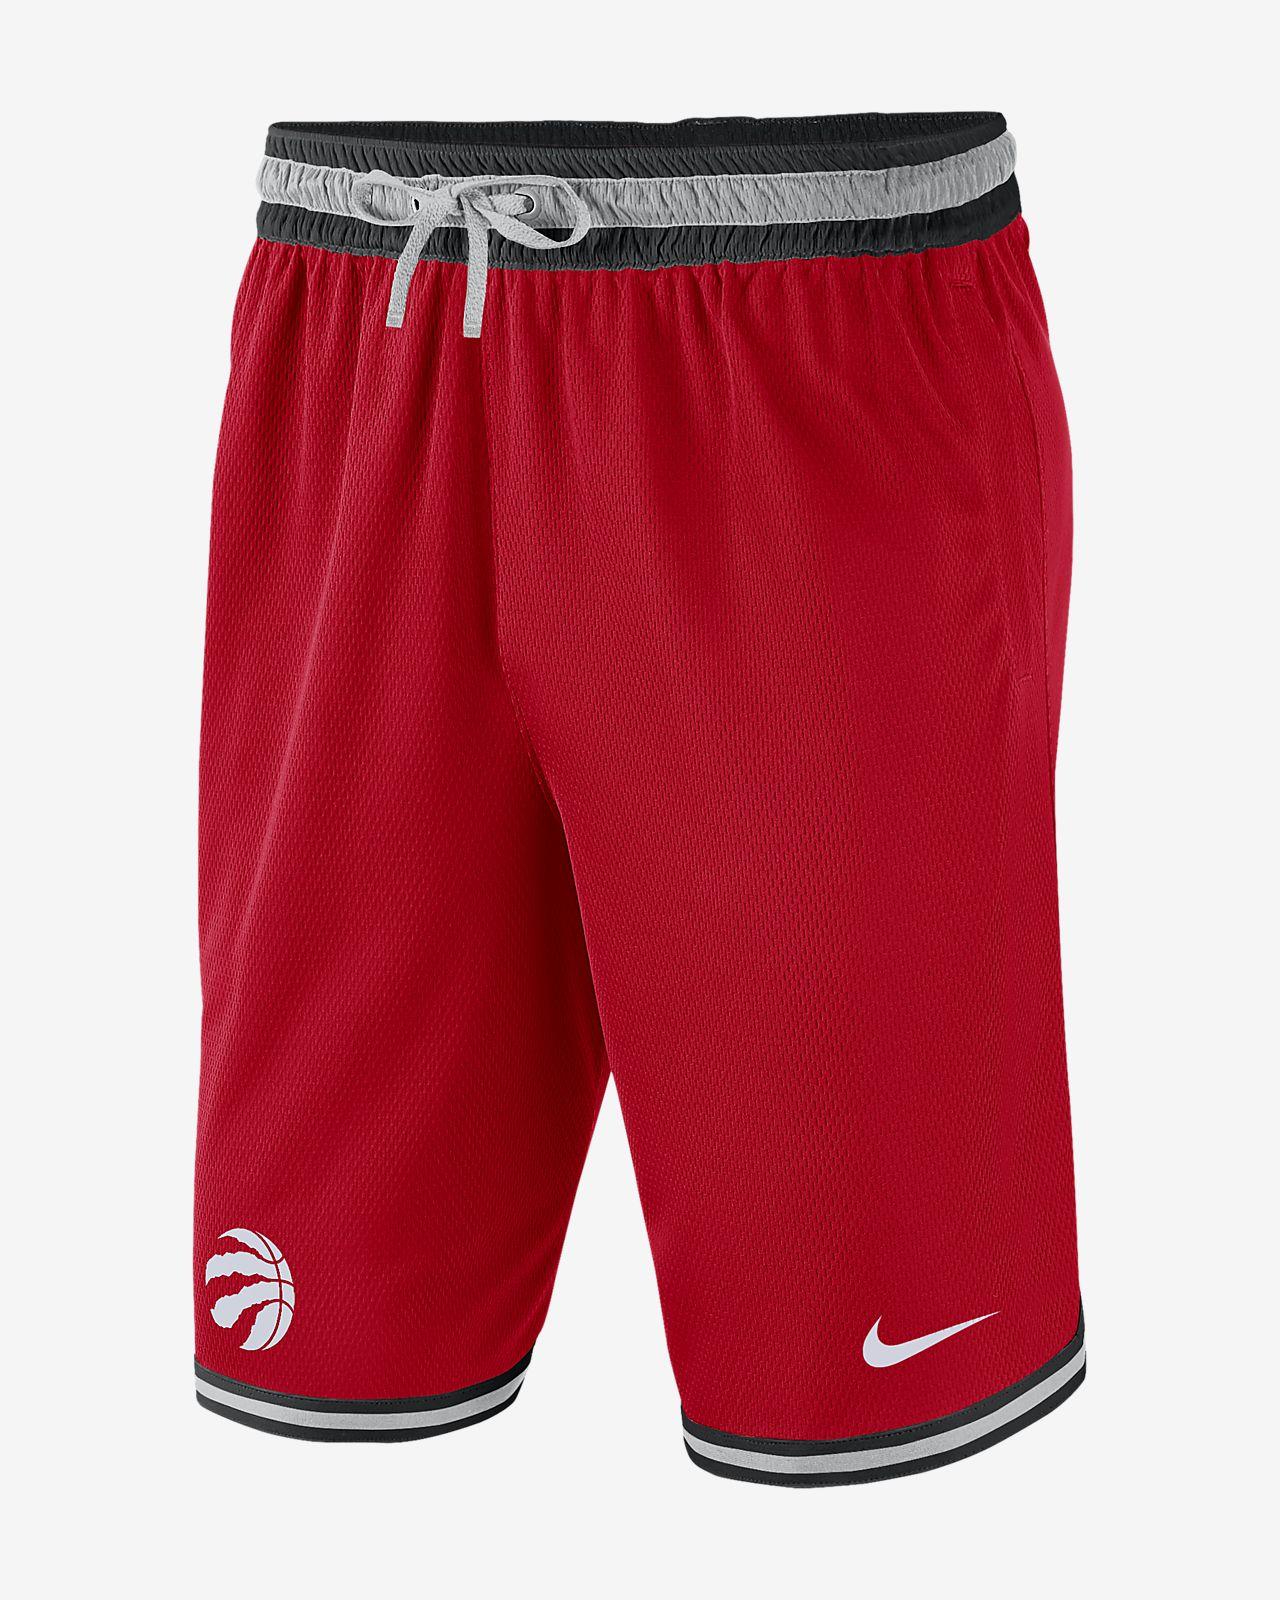 Toronto Raptors Nike Men's NBA Shorts